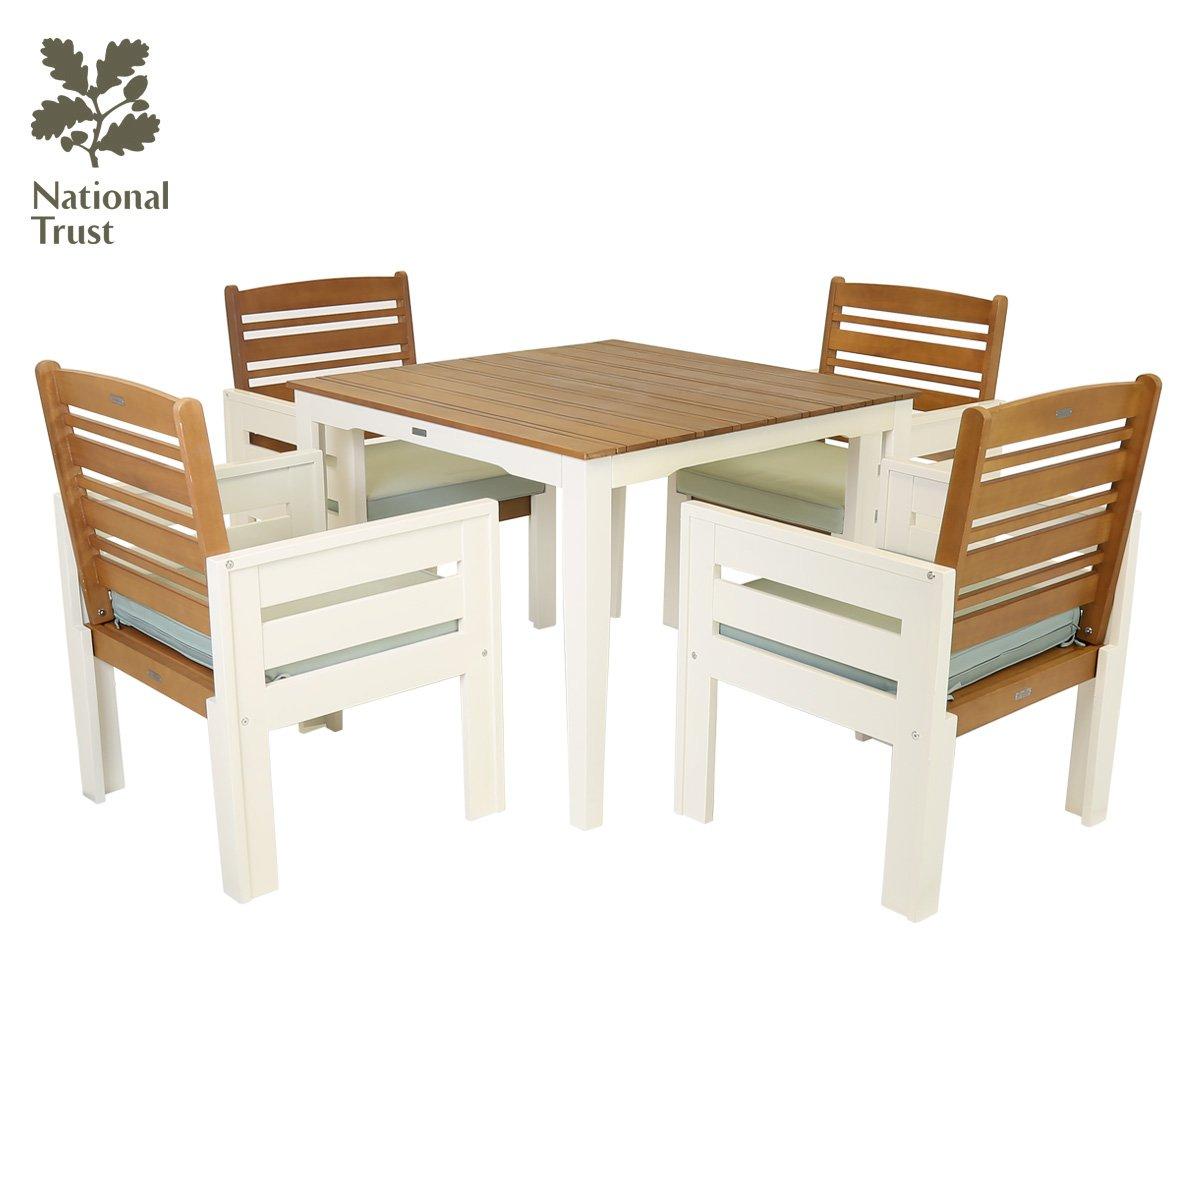 Charles Bentley National Trust Kingston - 5-tlg. Gartenmöbel-Set - Tisch & 4 Stühle - Grün oder Creme - Creme